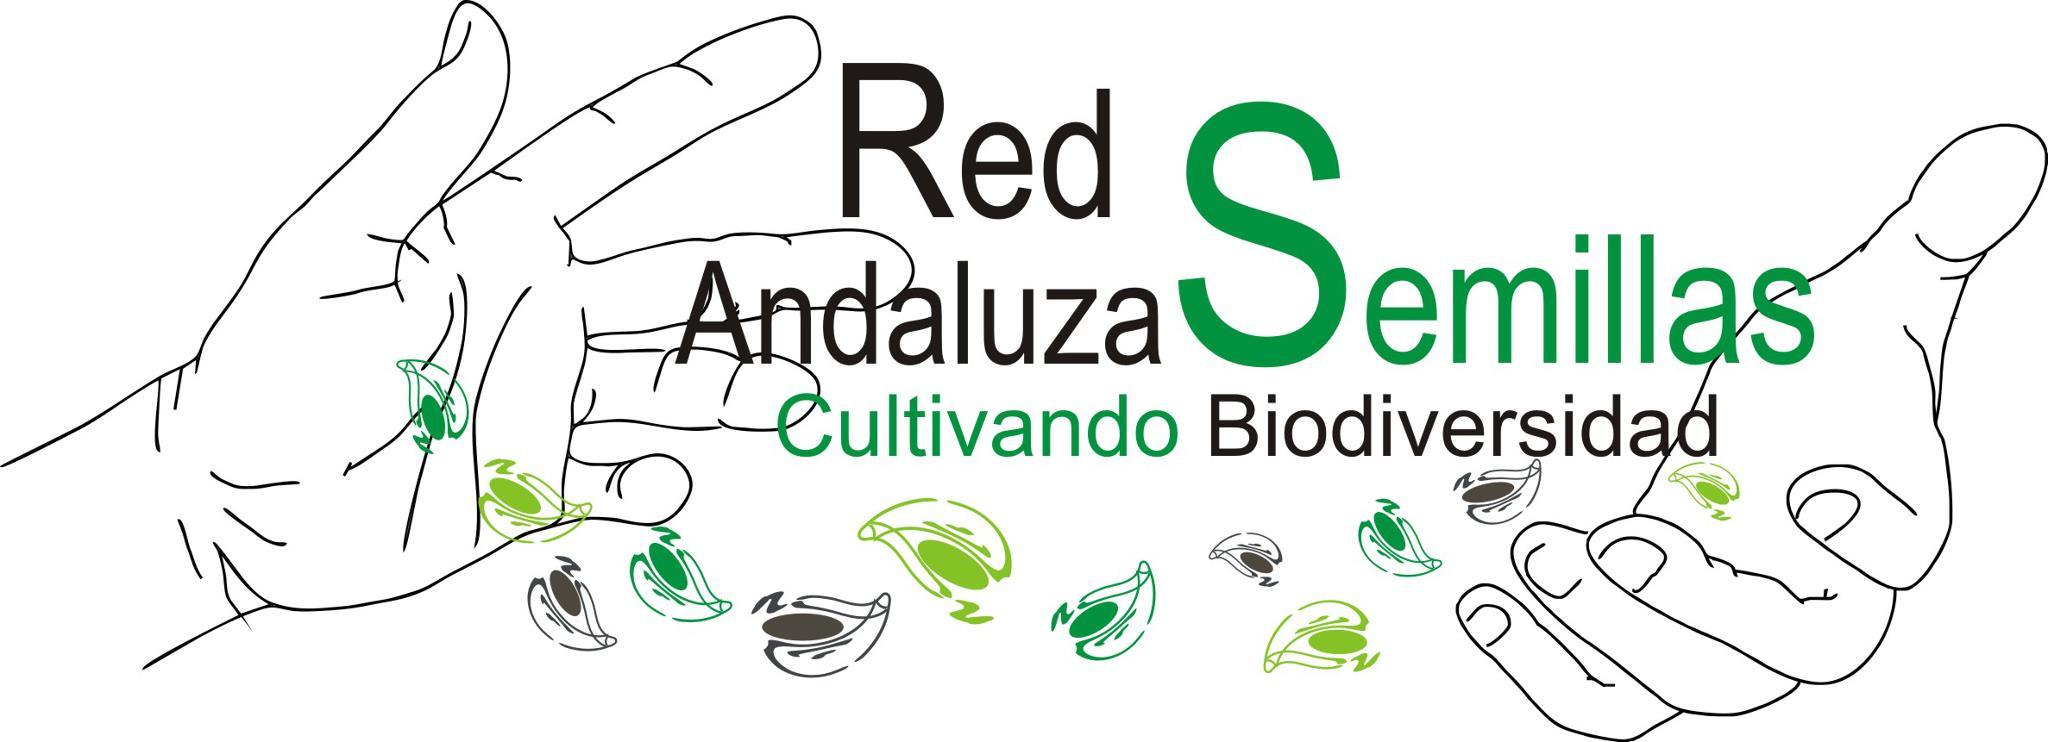 RED ANDALUZA DE SEMILLAS CULTIVANDO BIODIVERSIDAD